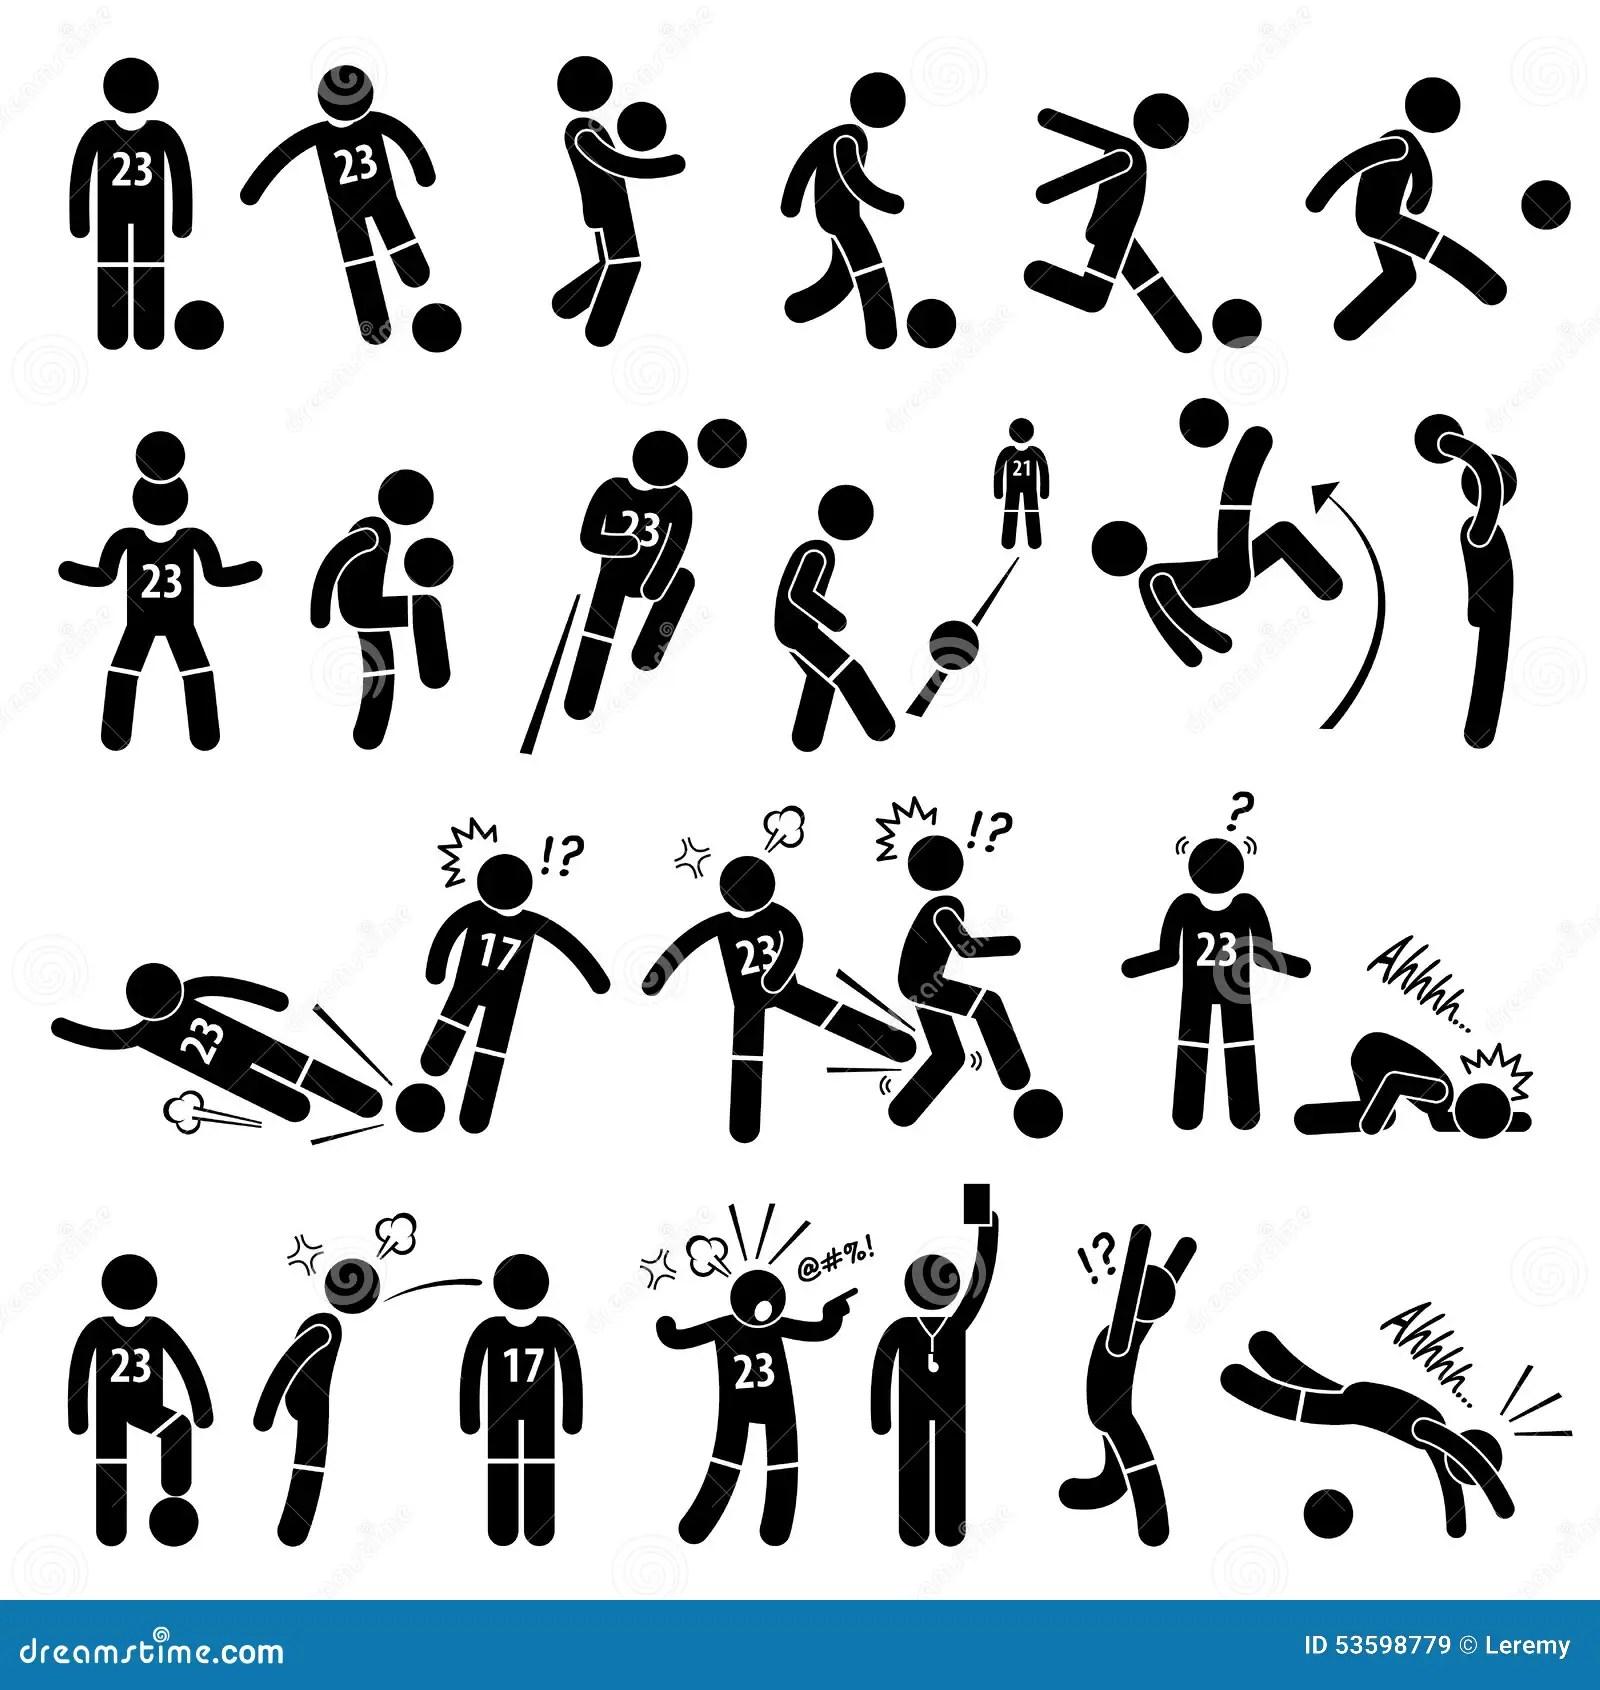 De Voetballer Actions Poses Cliparts Van De